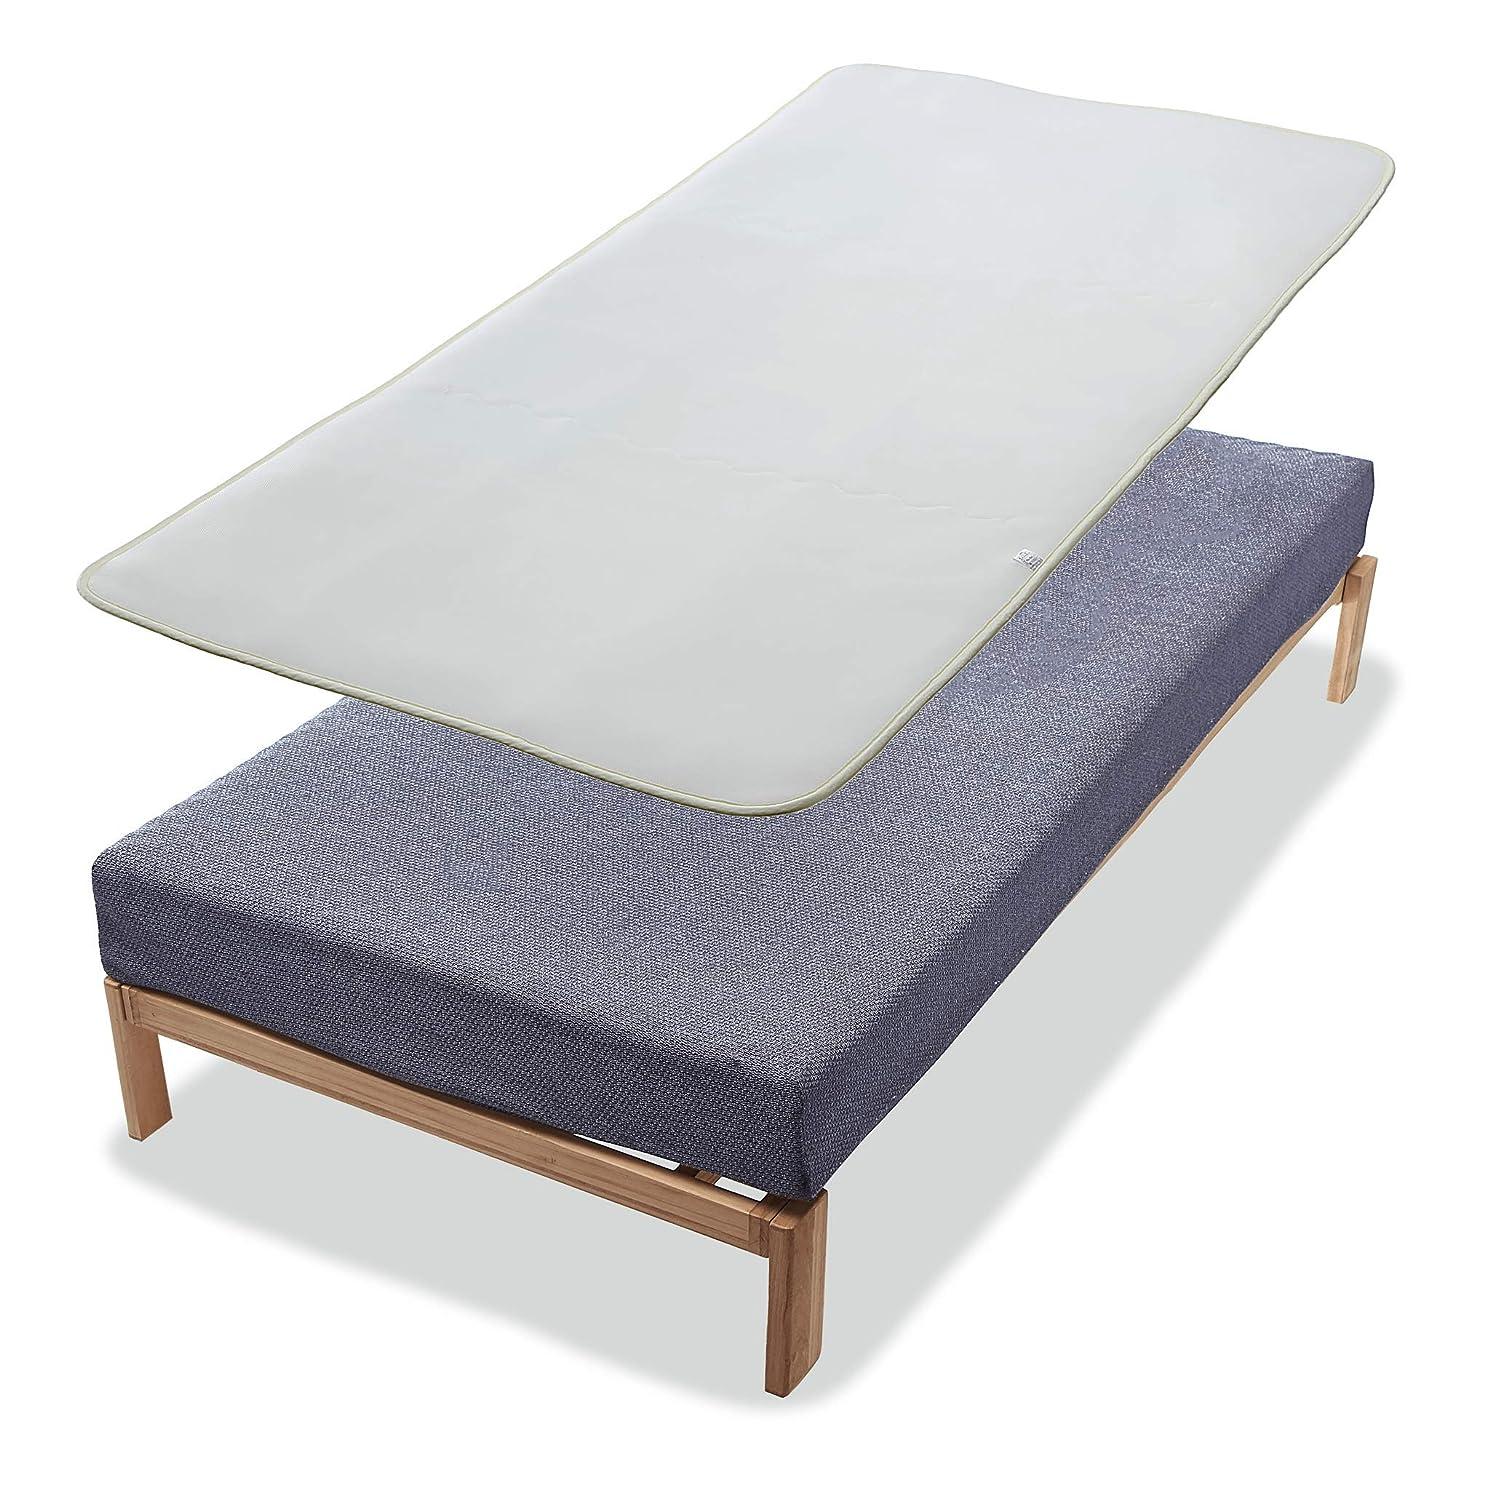 「通販生活の3層メディカルパッド」 厚さはたった1センチ。ヘタってきた古いマットレスにのせるだけで腰が沈まない新品の寝心地に。[本品は病院?介護用で採用されている業務用3層パッドを家庭用サイズにした特注品。1層の類似品にご注意ください]